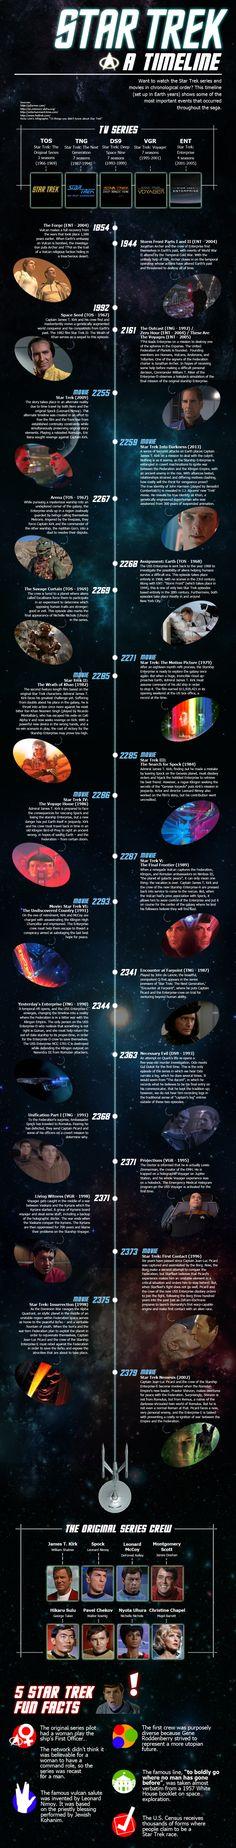 Star Trek Episodes Timeline Graphic.